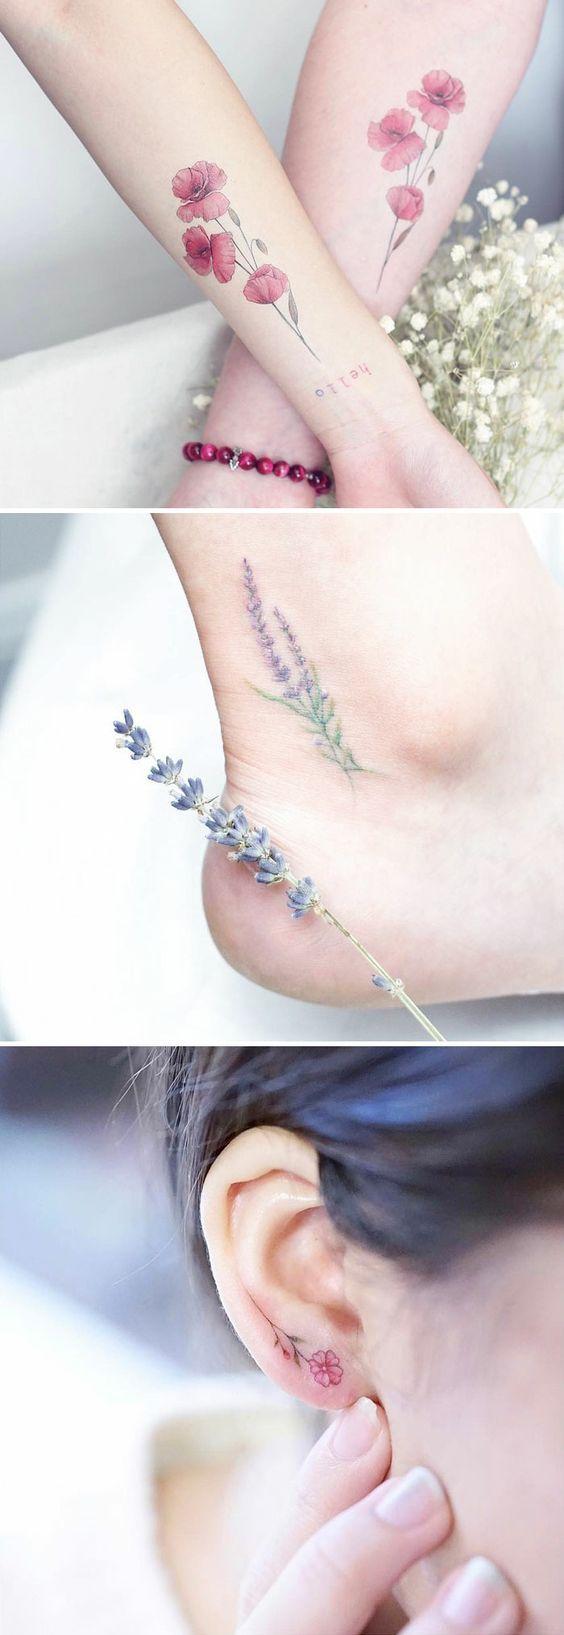 ▷ 1001 + Ideen für wunderschöne Blumentattoos und ihre geheime Bedeutung